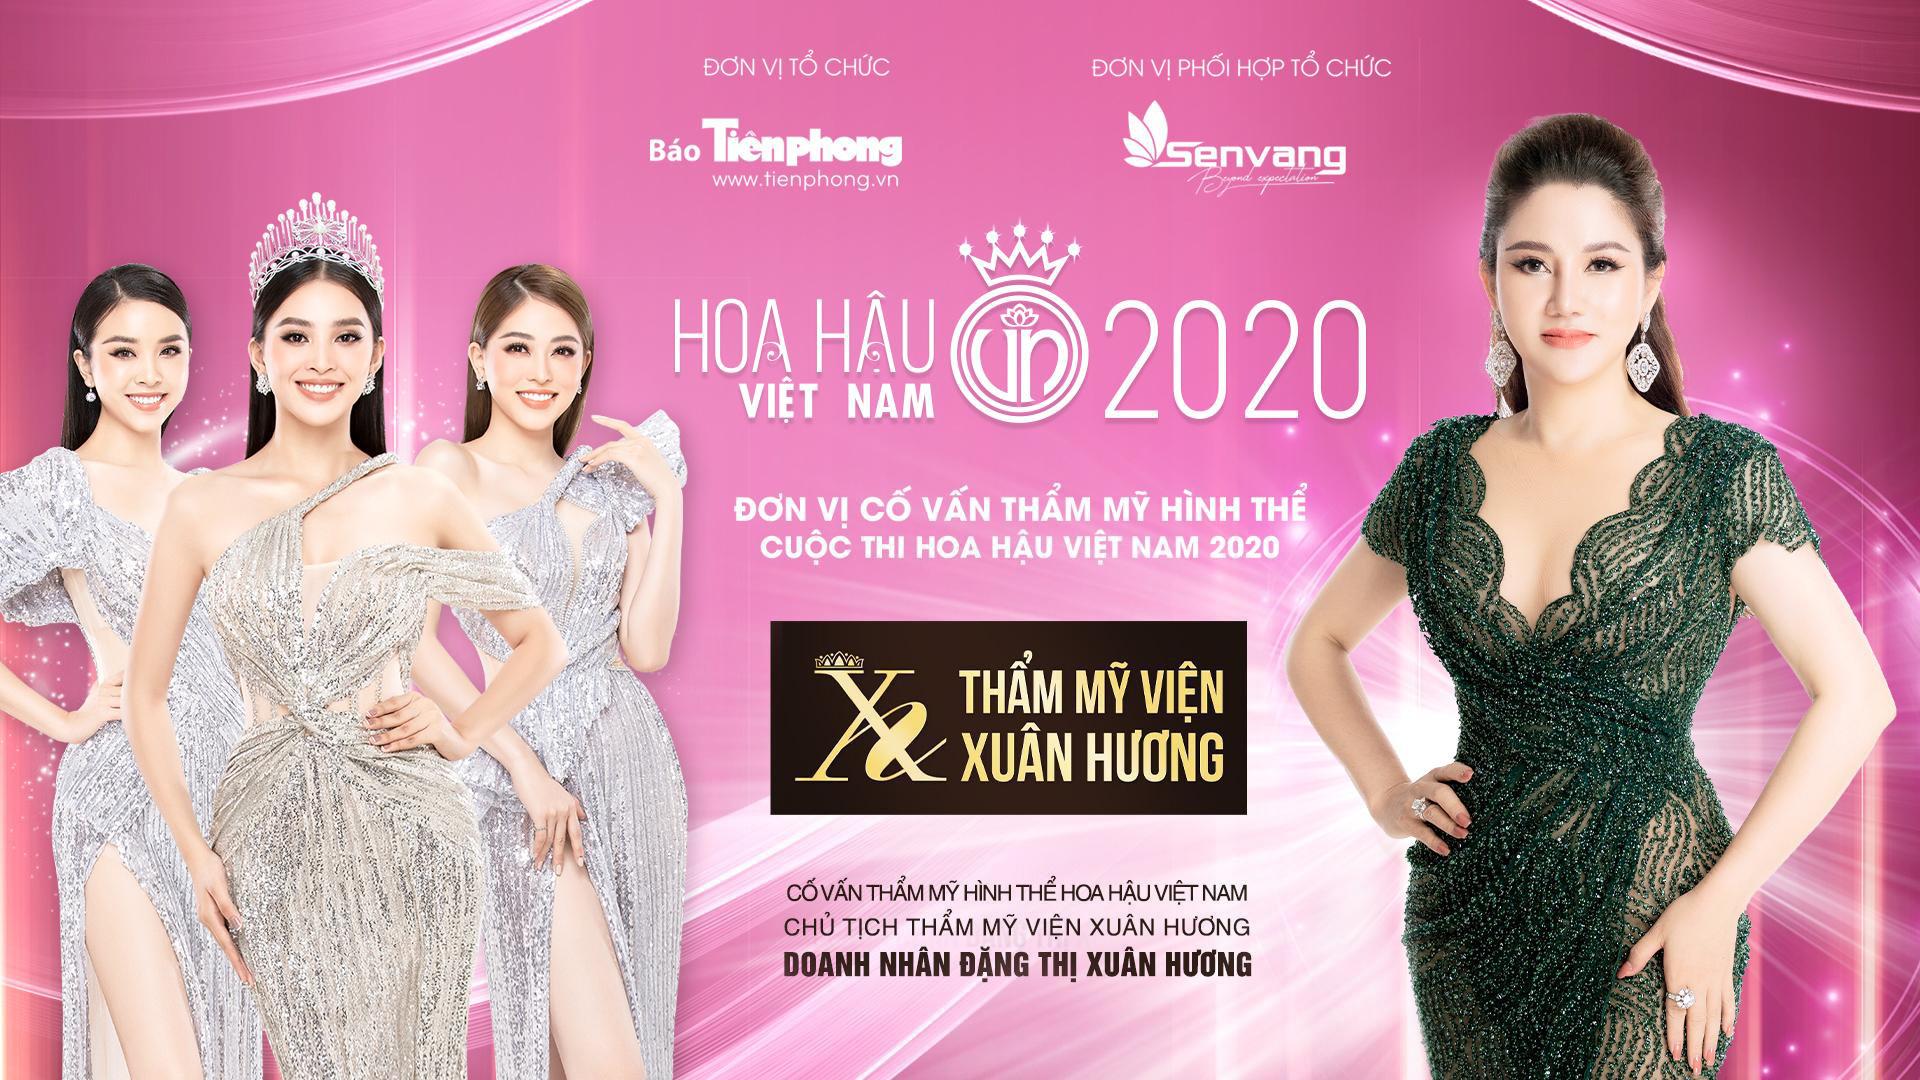 Từ đơn vị thẩm mỹ top đầu đến Cố vấn Thẩm mỹ hình thể Hoa hậu Việt Nam 2020 - Ảnh 1.